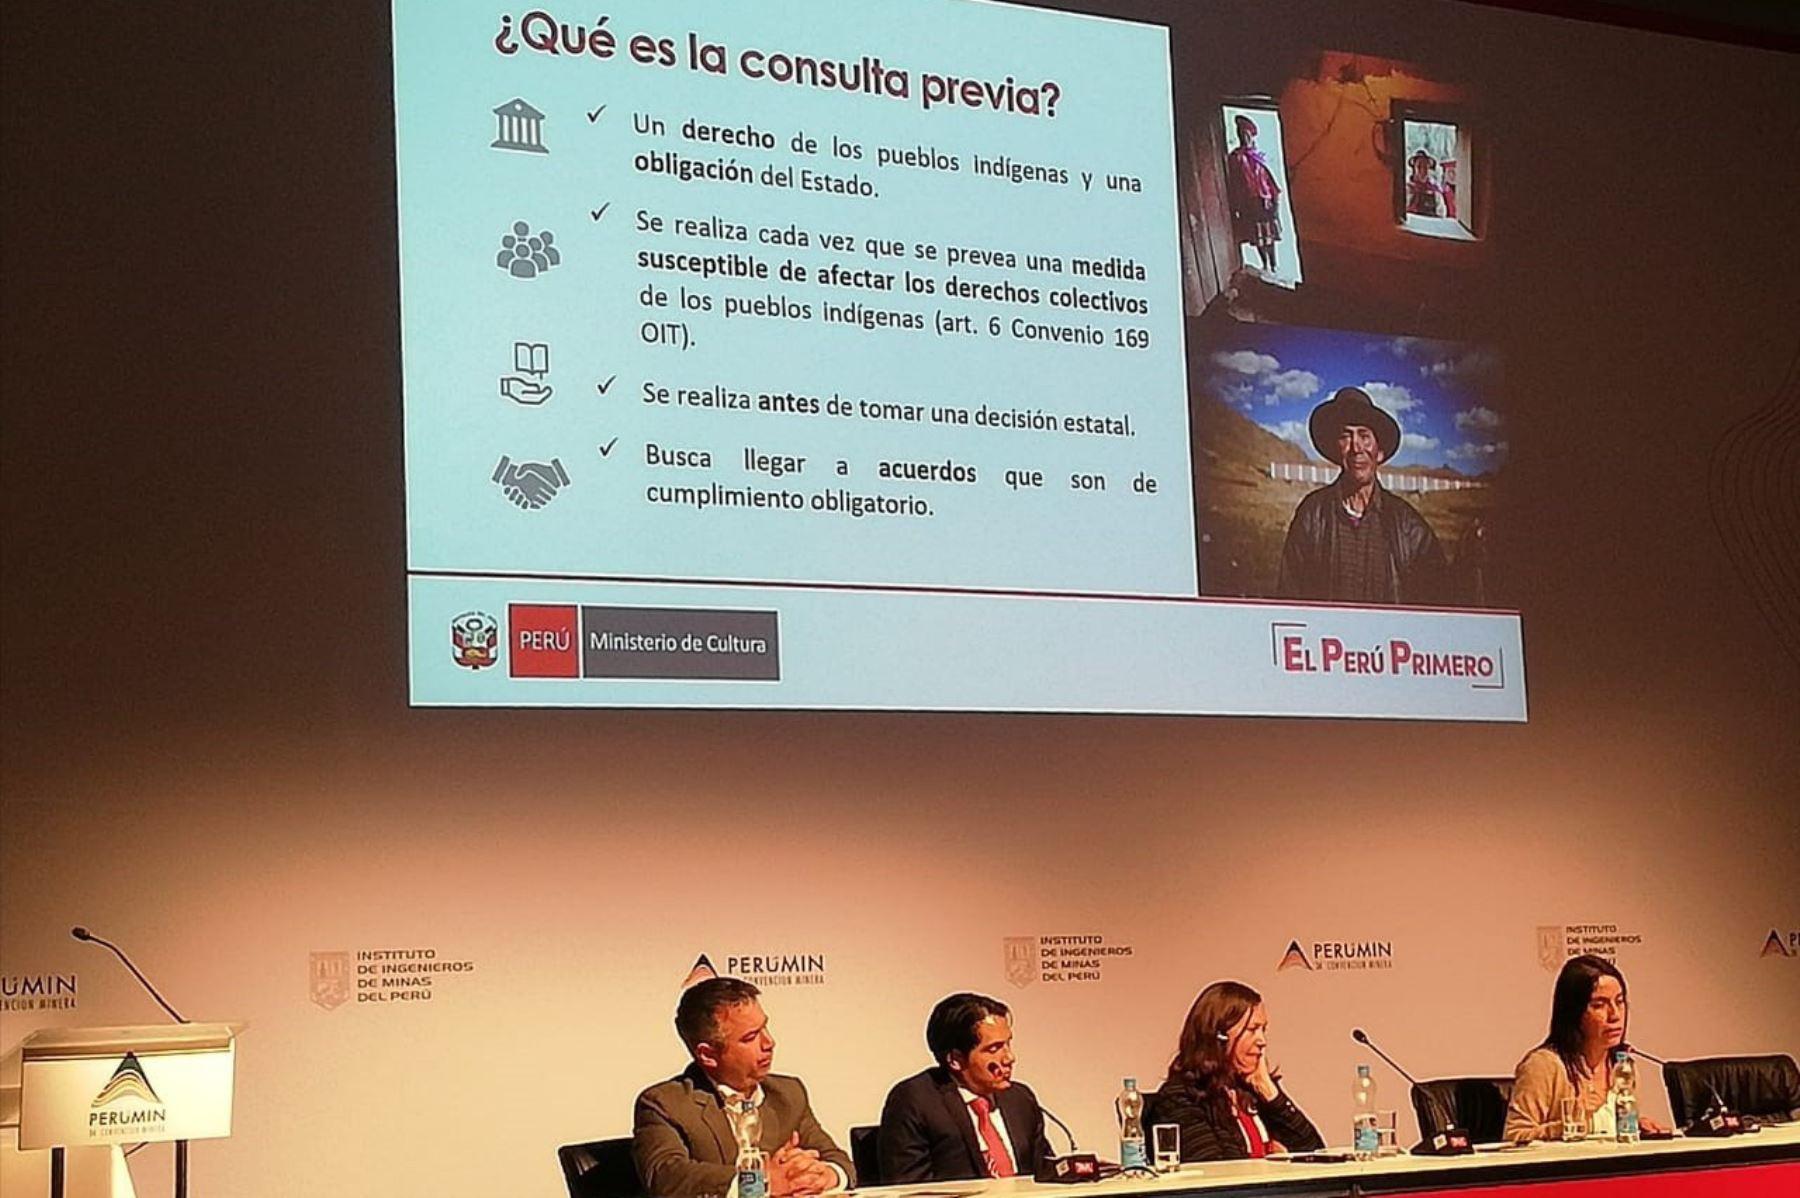 ANDINA/DifusiónLa consulta previa es la oportunidad de nueva relación entre Estado y pueblos indígenas, afirma el Ministerio de Cultura. ANDINA/Difusión